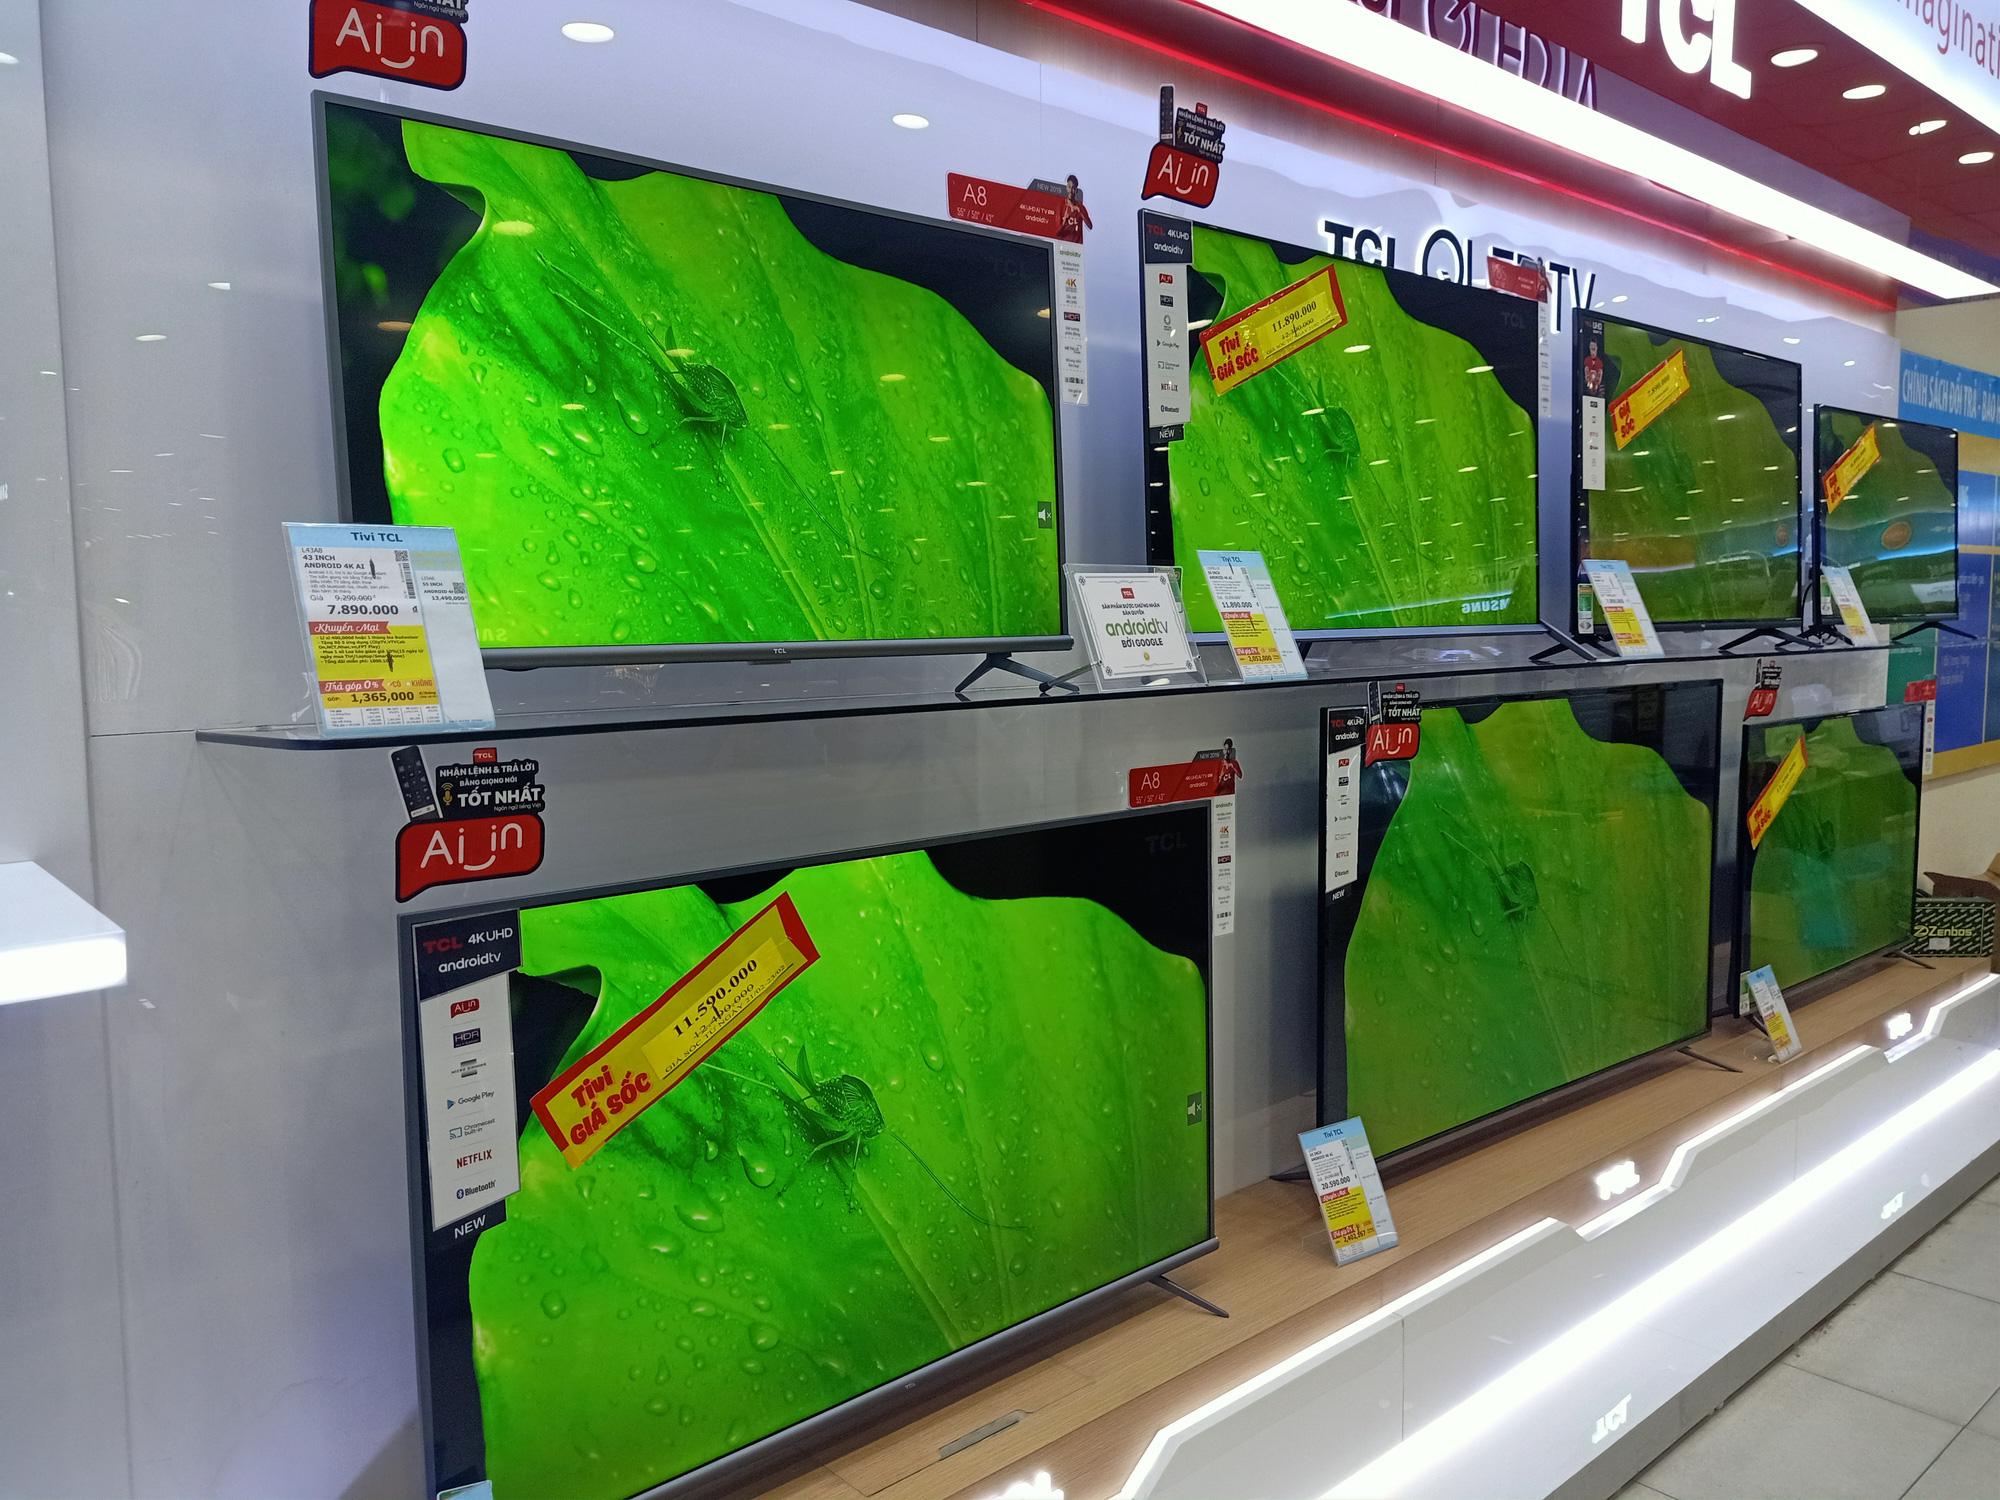 Tivi giảm giá tuần này: Nhiều dòng màn hình lớn phục vụ cho nhu cầu xem bóng đá - Ảnh 2.